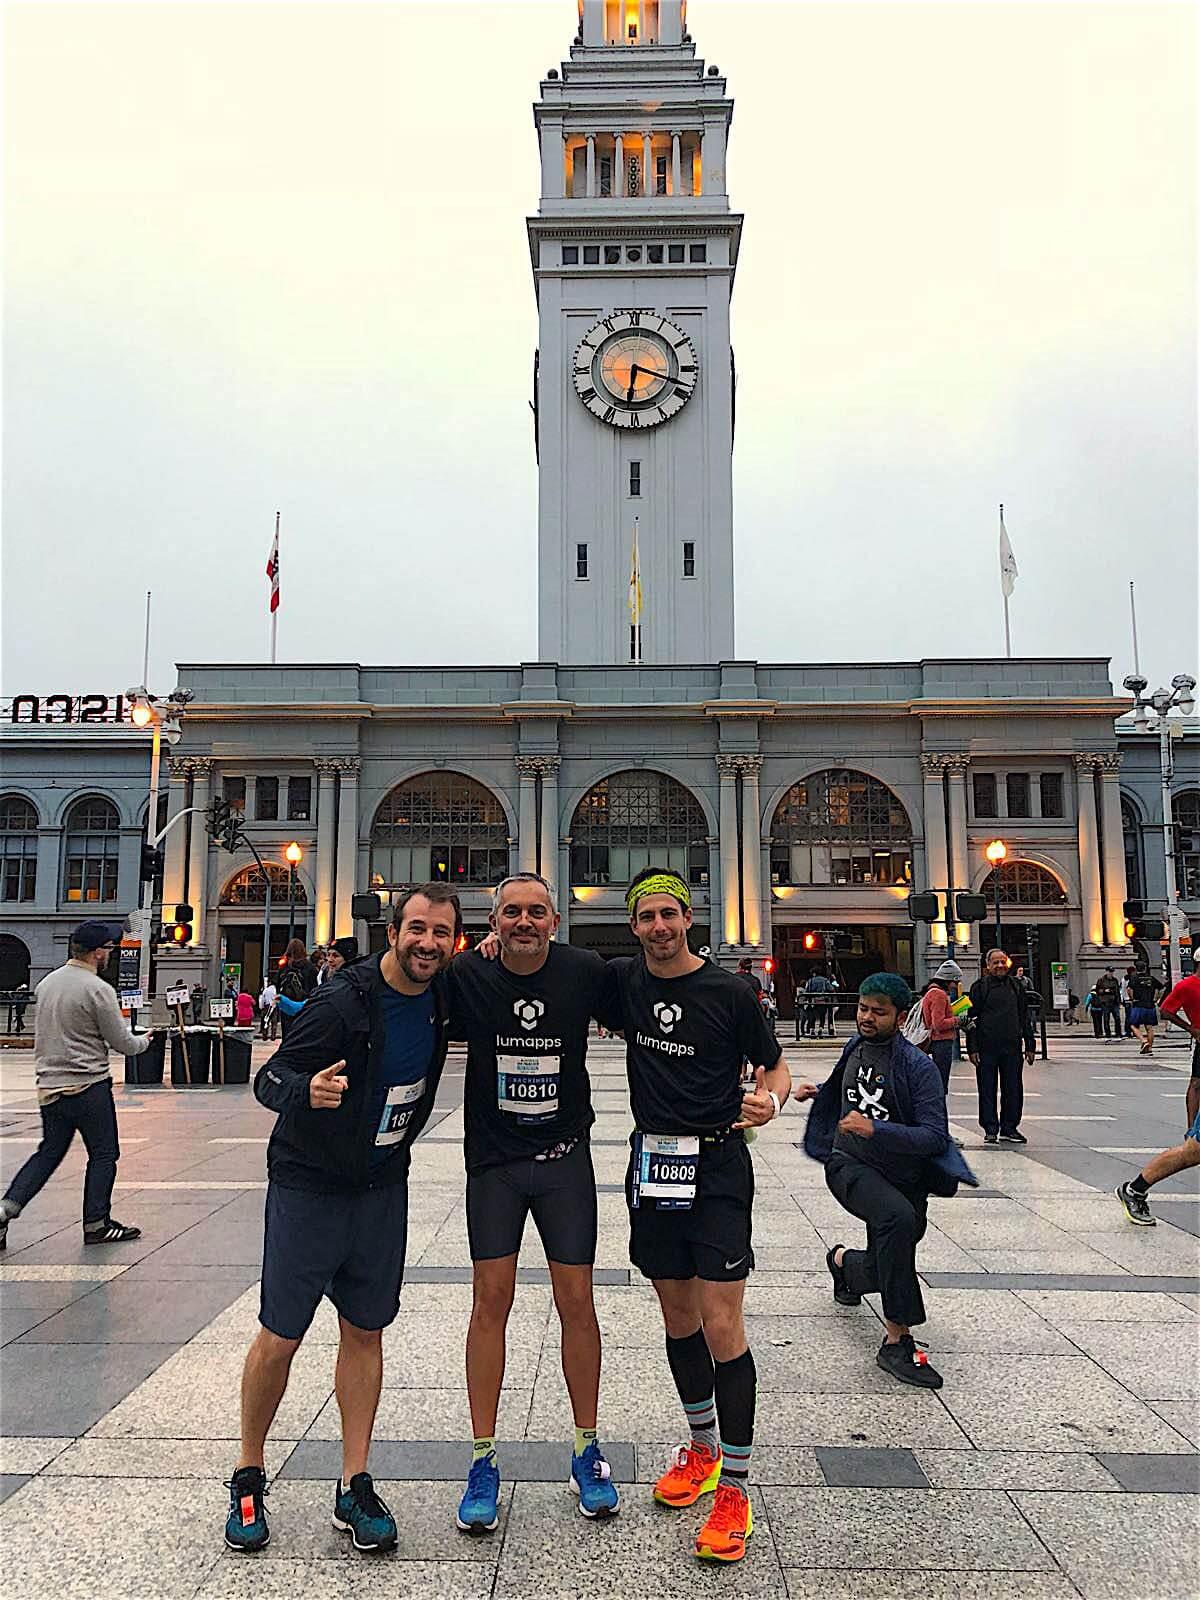 LumApps marathon team